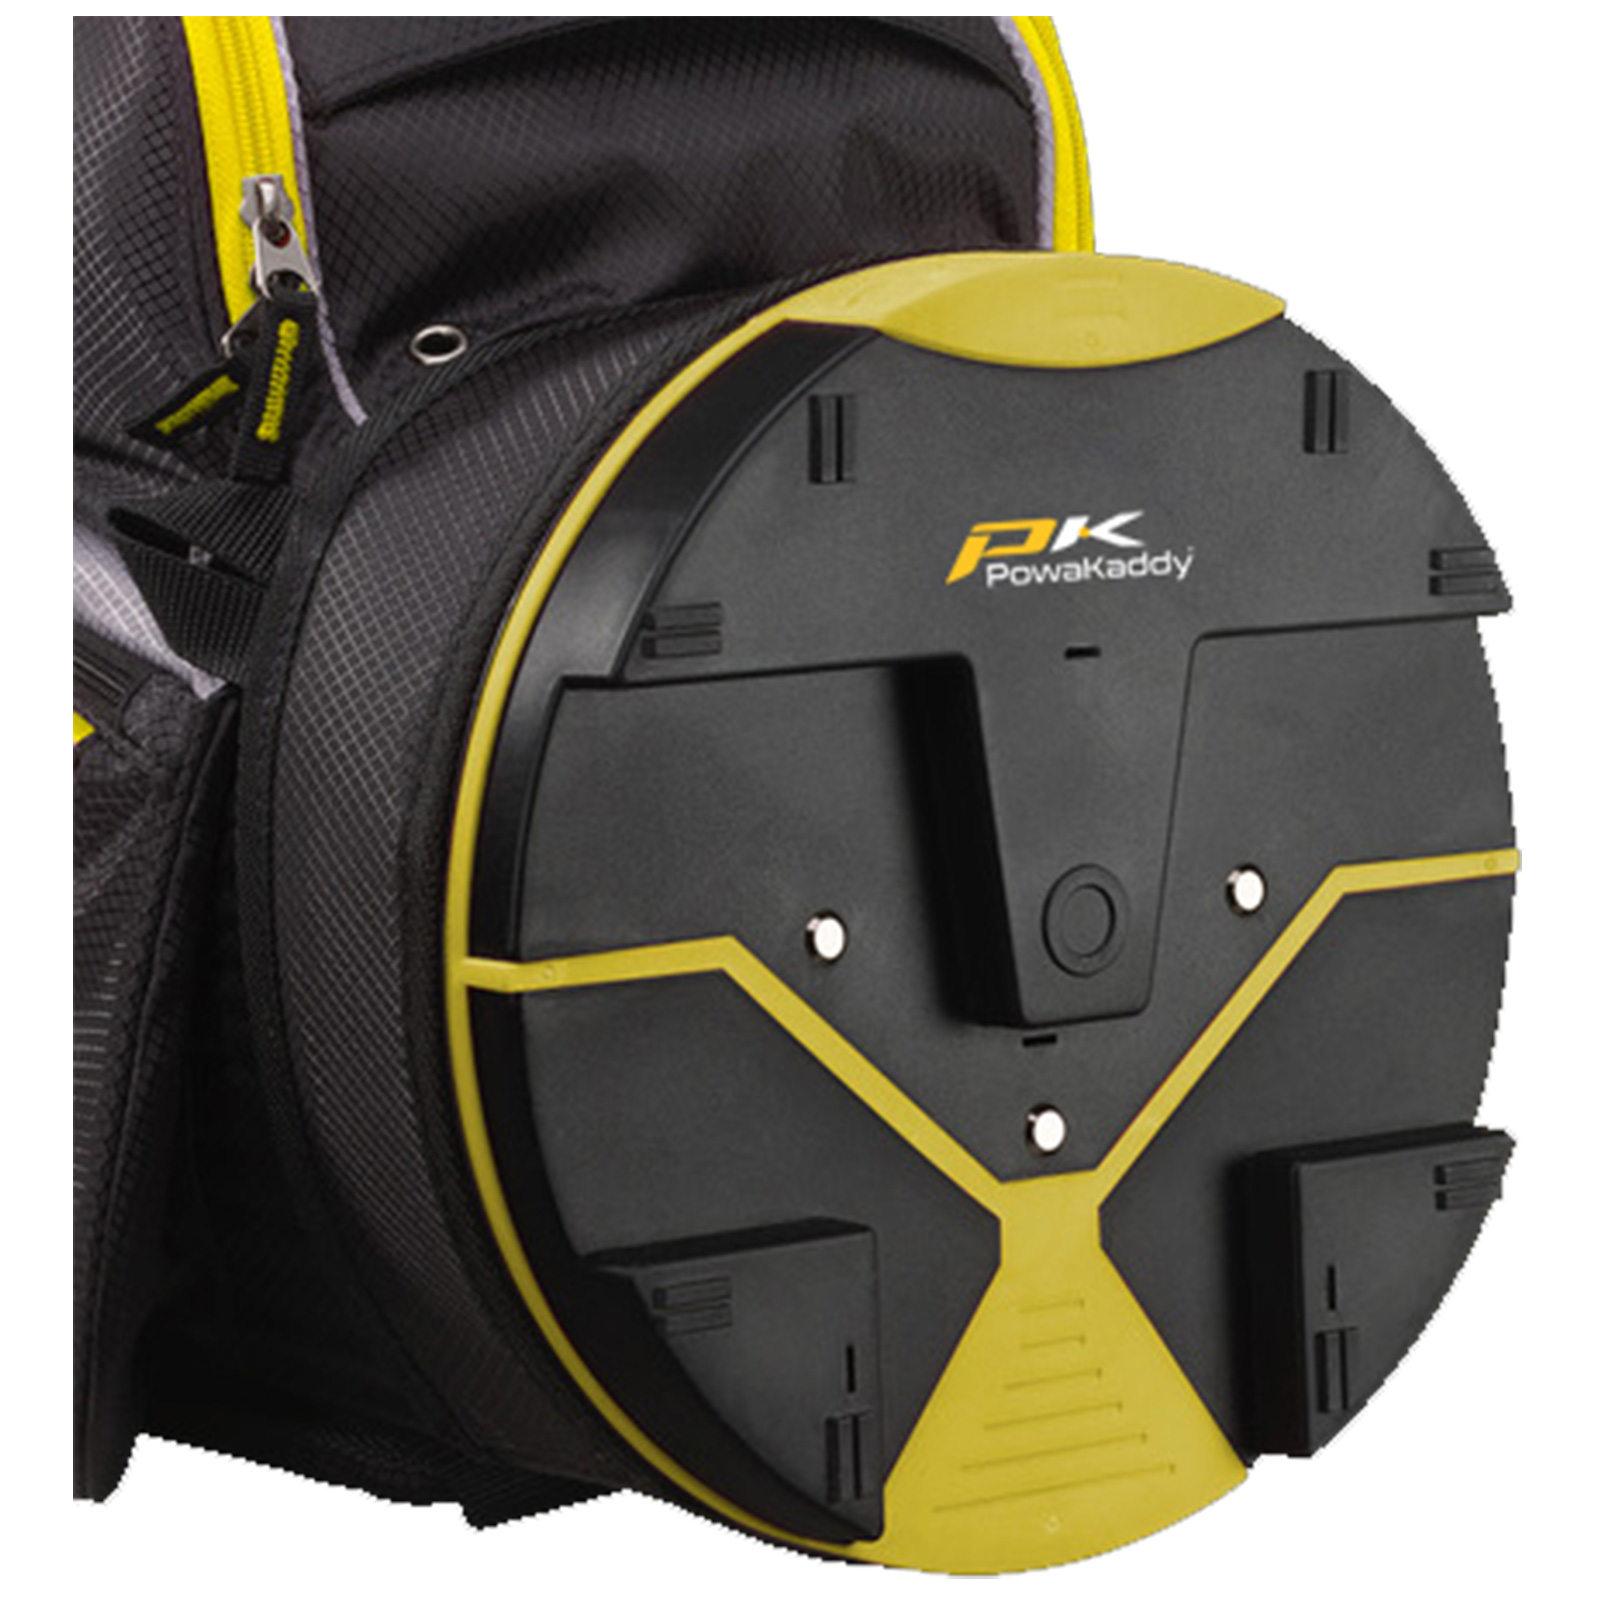 thumbnail 33 - 2021 PowaKaddy Golf Trolley Cart Bag Range - Lightweight 14 Way Divider Top